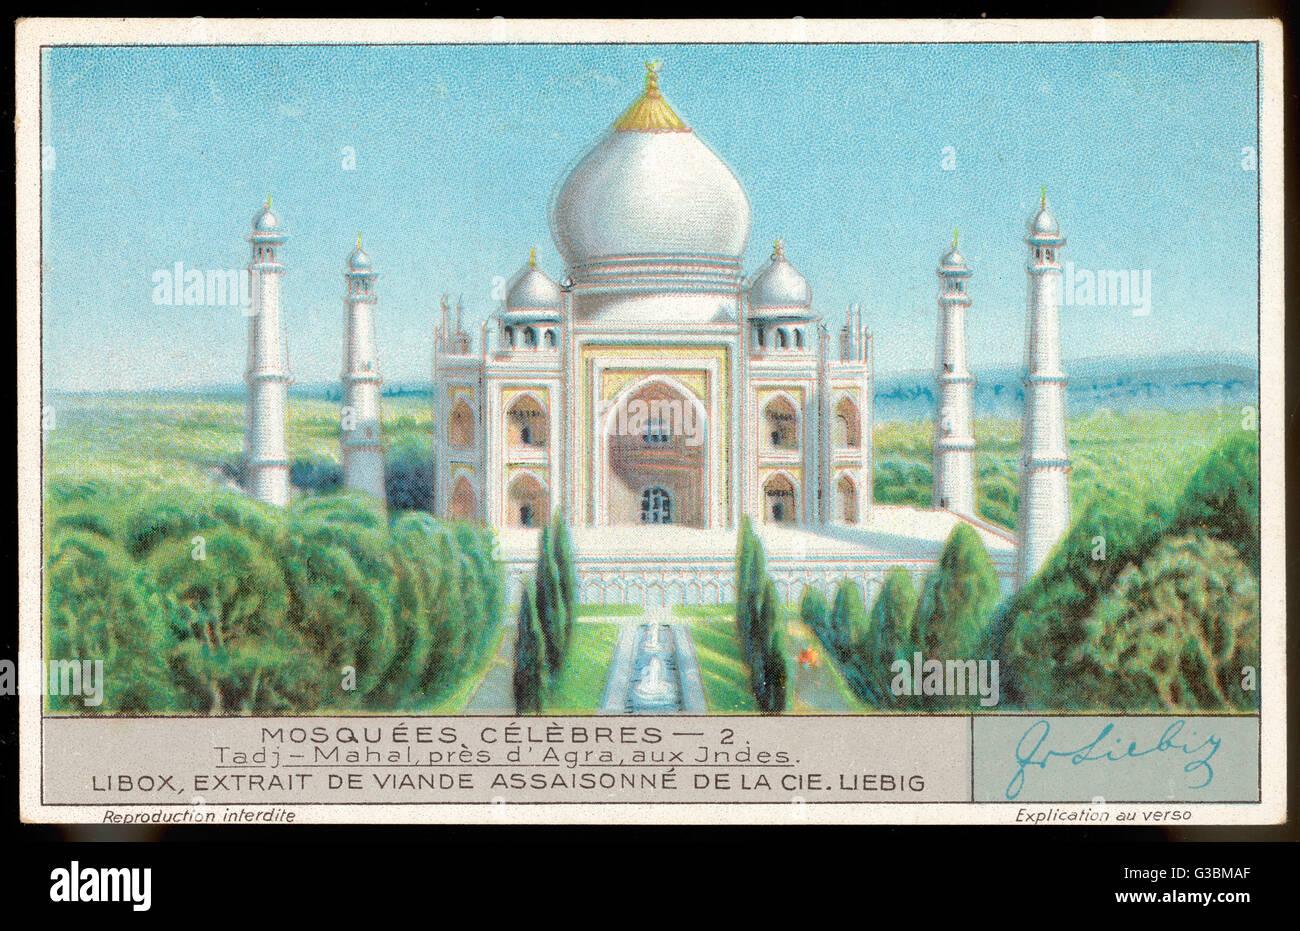 Probabilmente il più bel edificio mai costruito, il Taj è costruito da Shah Jehan in memoria della moglie. Si tratta di 78 metri di altezza ed è circondato da bei giardini. Data: costruito 1631 - 1645 Foto Stock